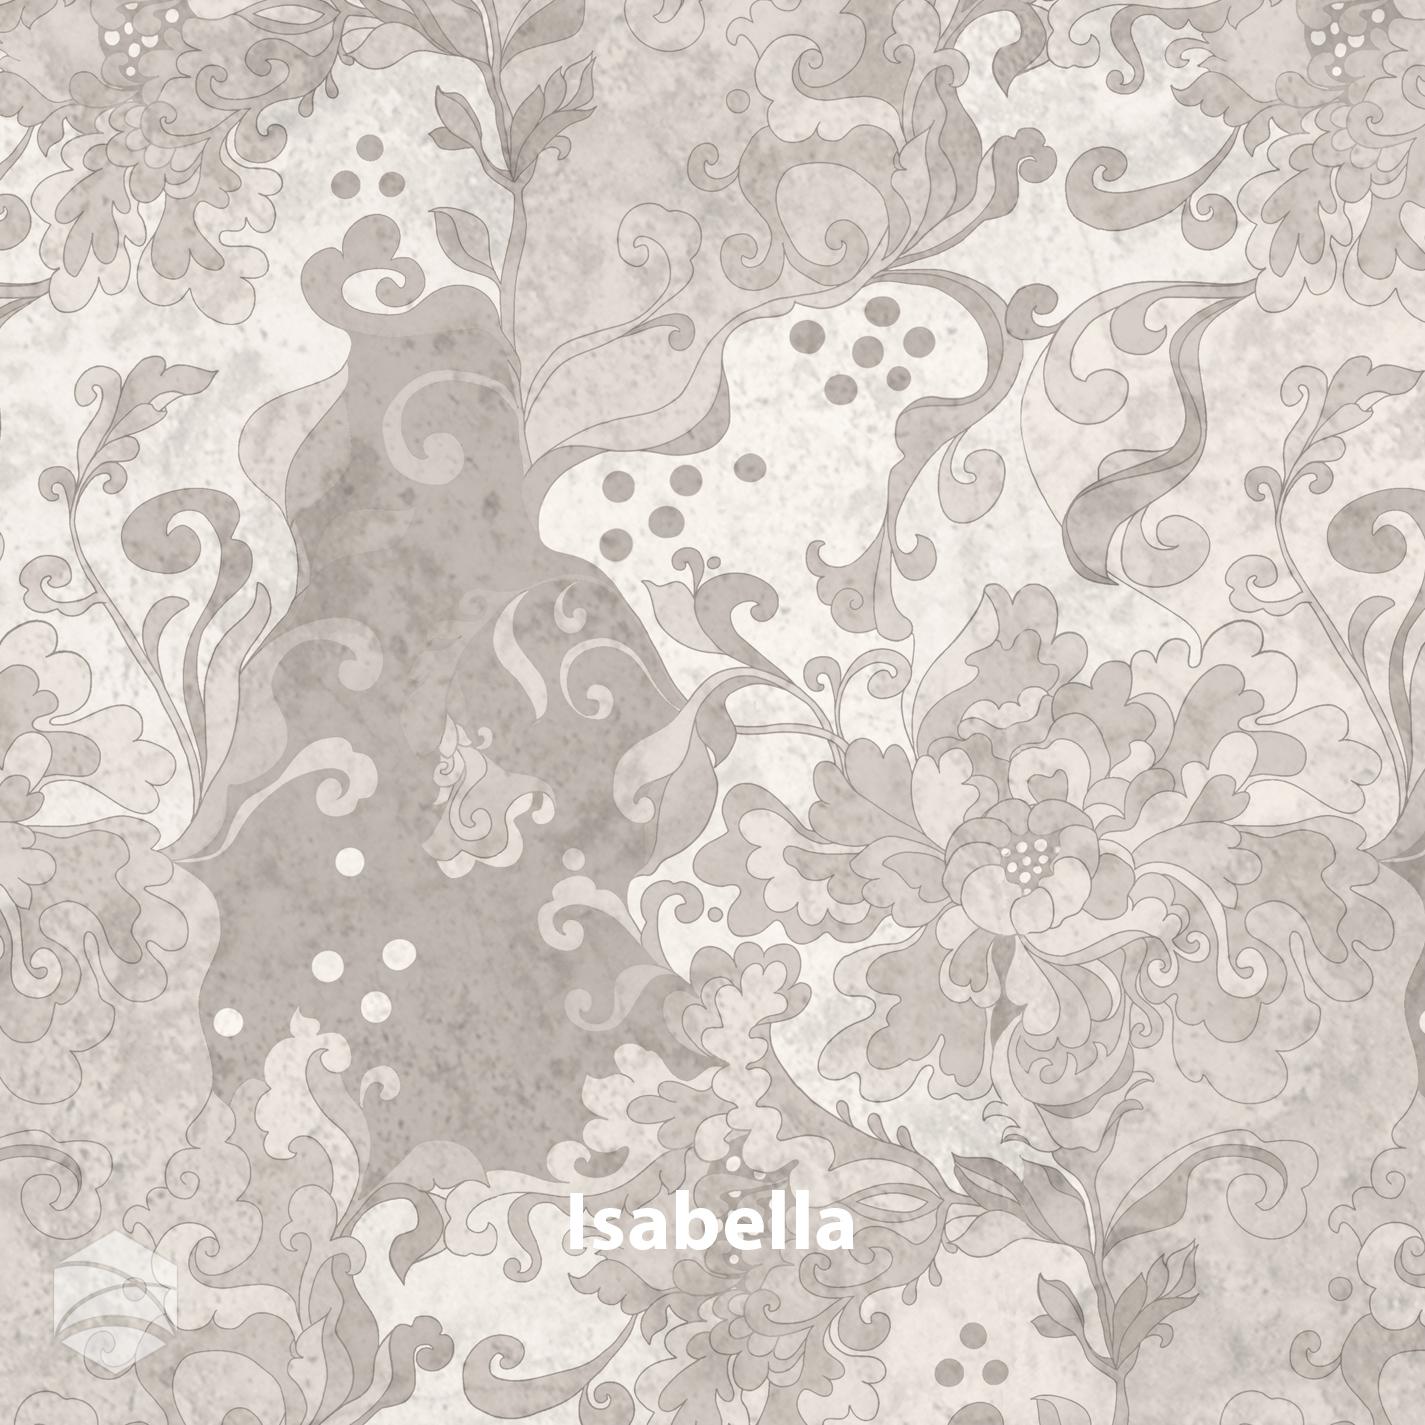 Isabella_V2_14x14.jpg